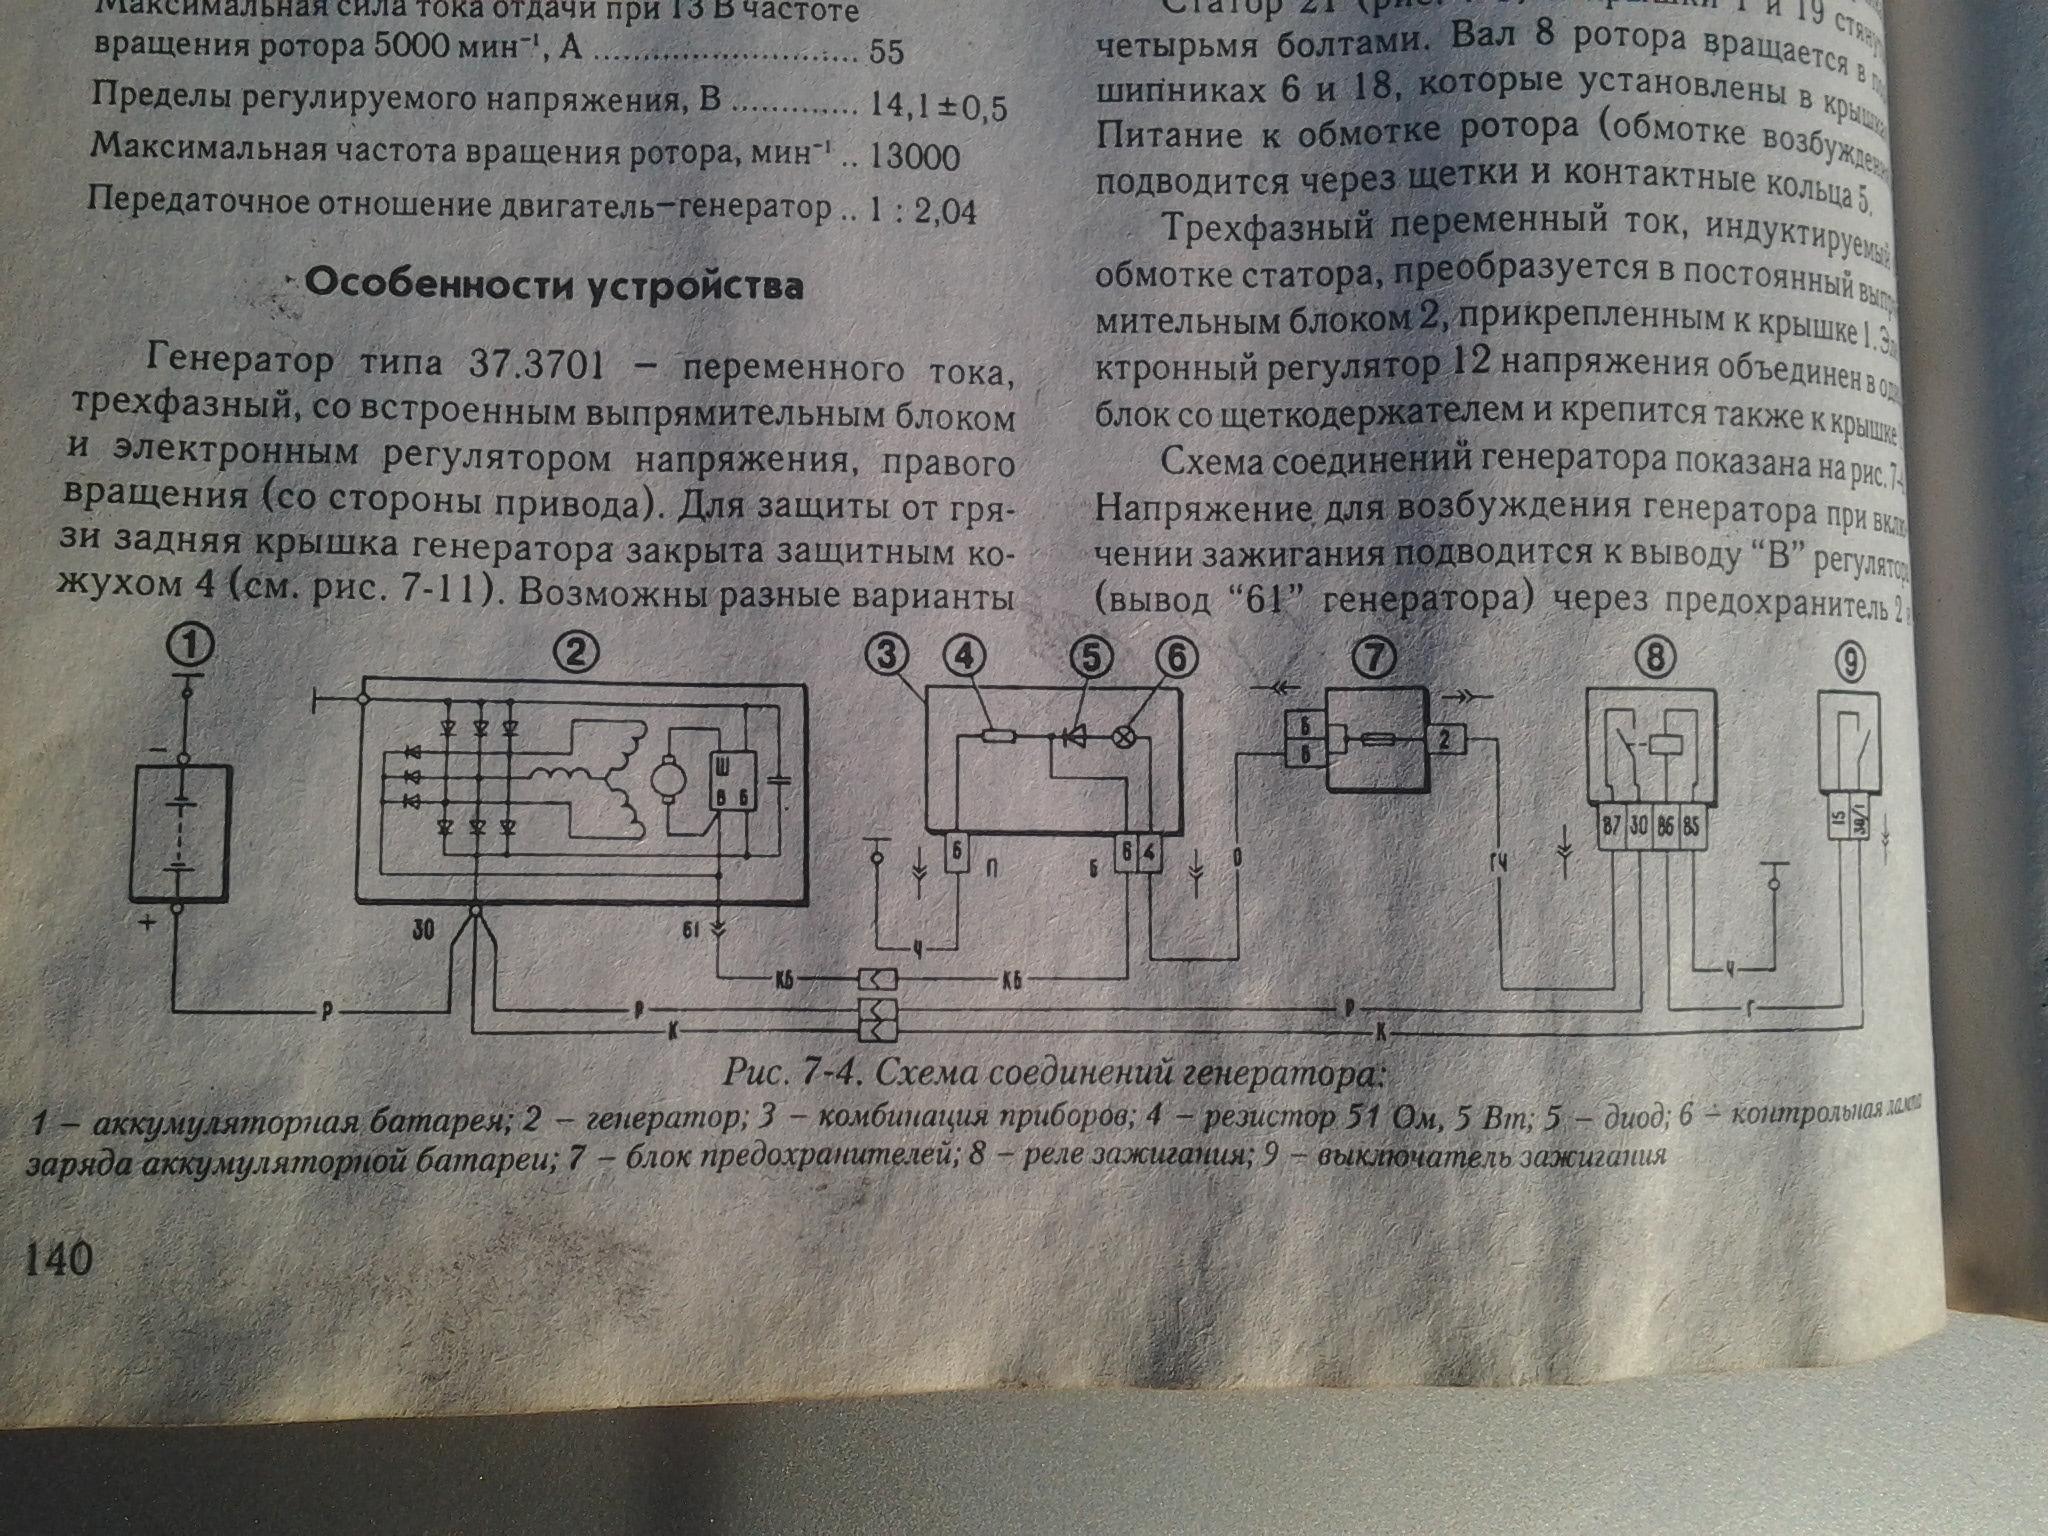 Схема подключения генератора 08 | Схемы соединений: http://gooddies.sytes.net/2013/05/07/shema-podklyucheniya-generatora-08/